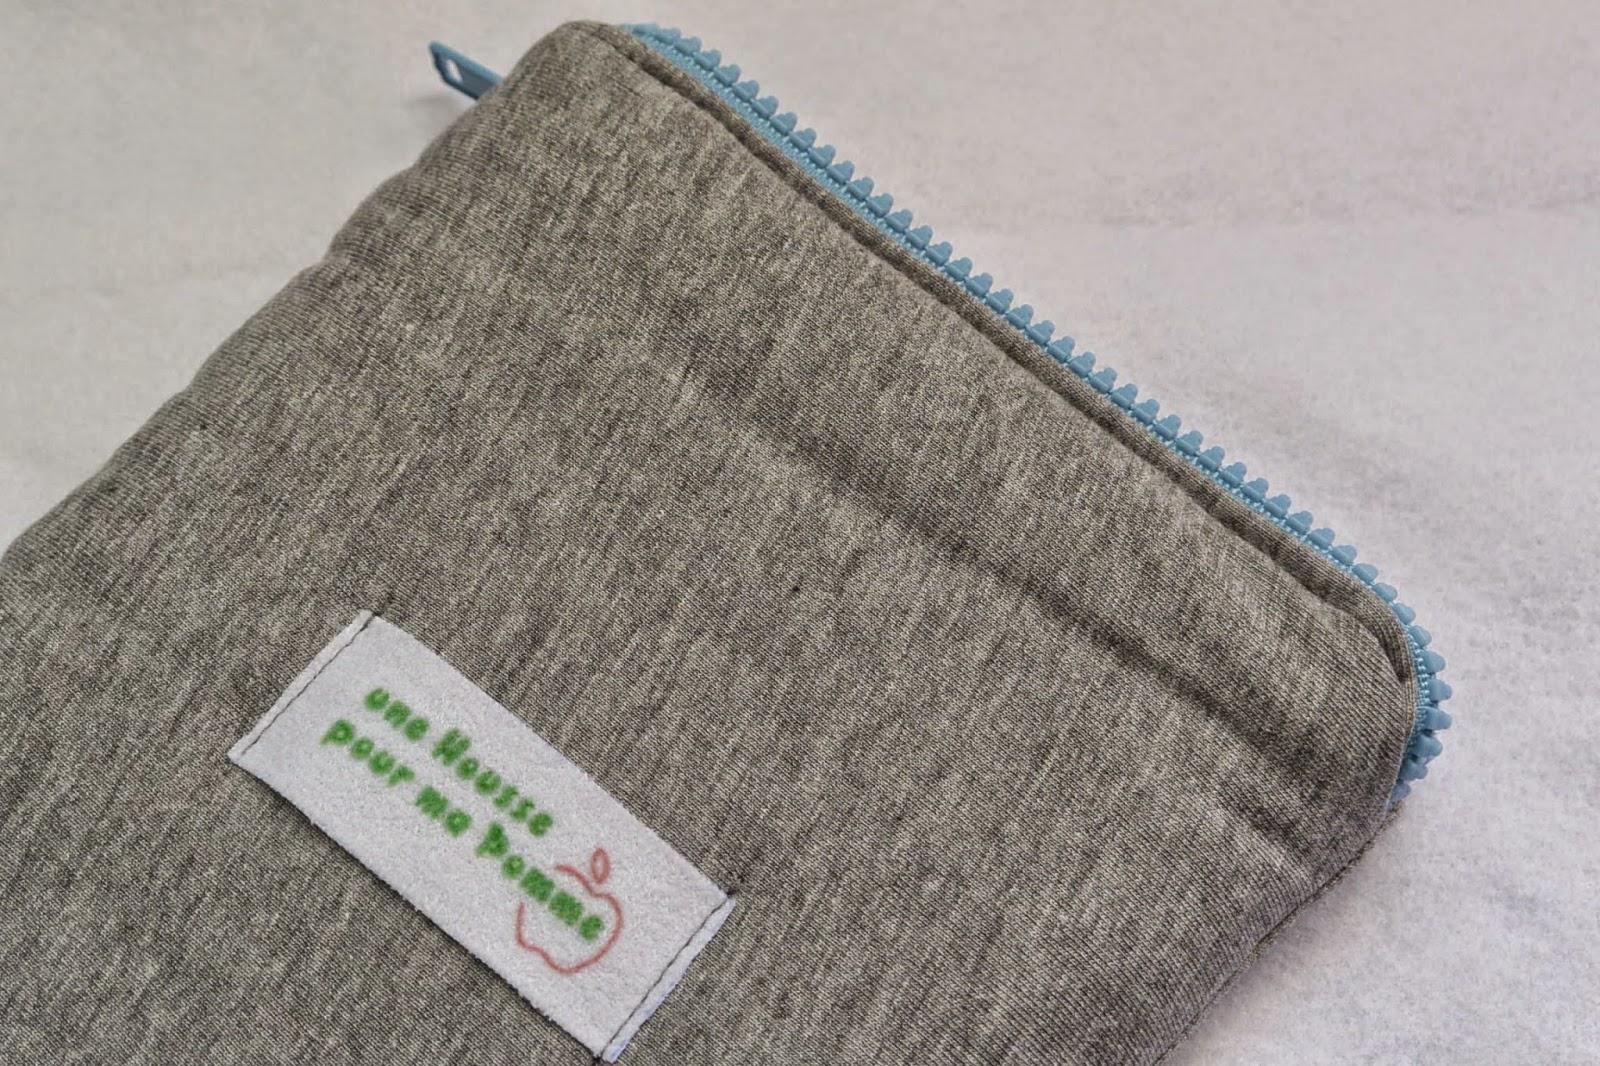 Housse grise et bleu faite main made in France avec fermeture éclair pour tablette 8 pouces mum said